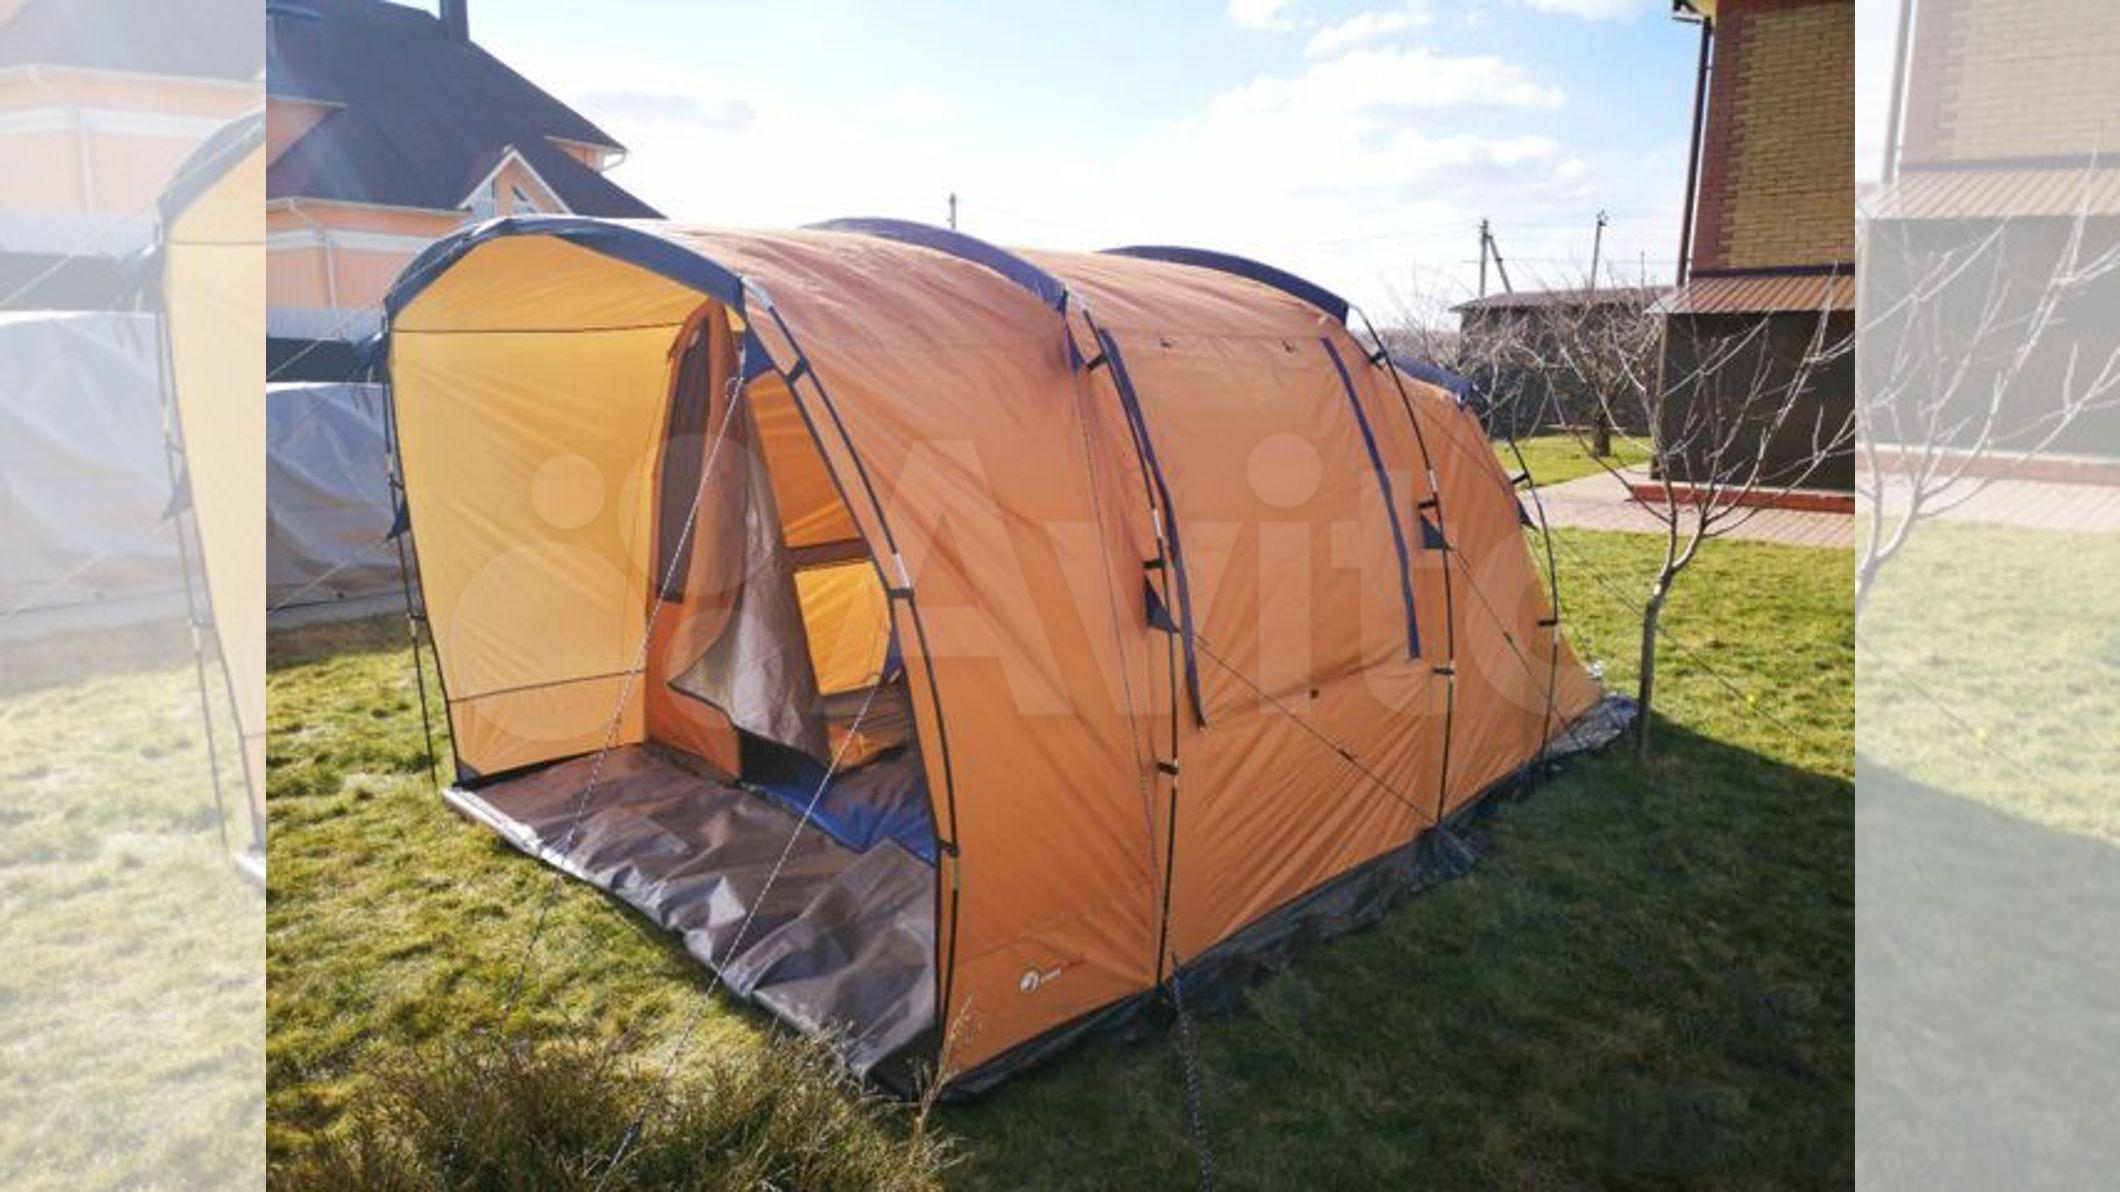 Палатка 4-х местная купить в Москве с доставкой | Хобби и отдых | Авито